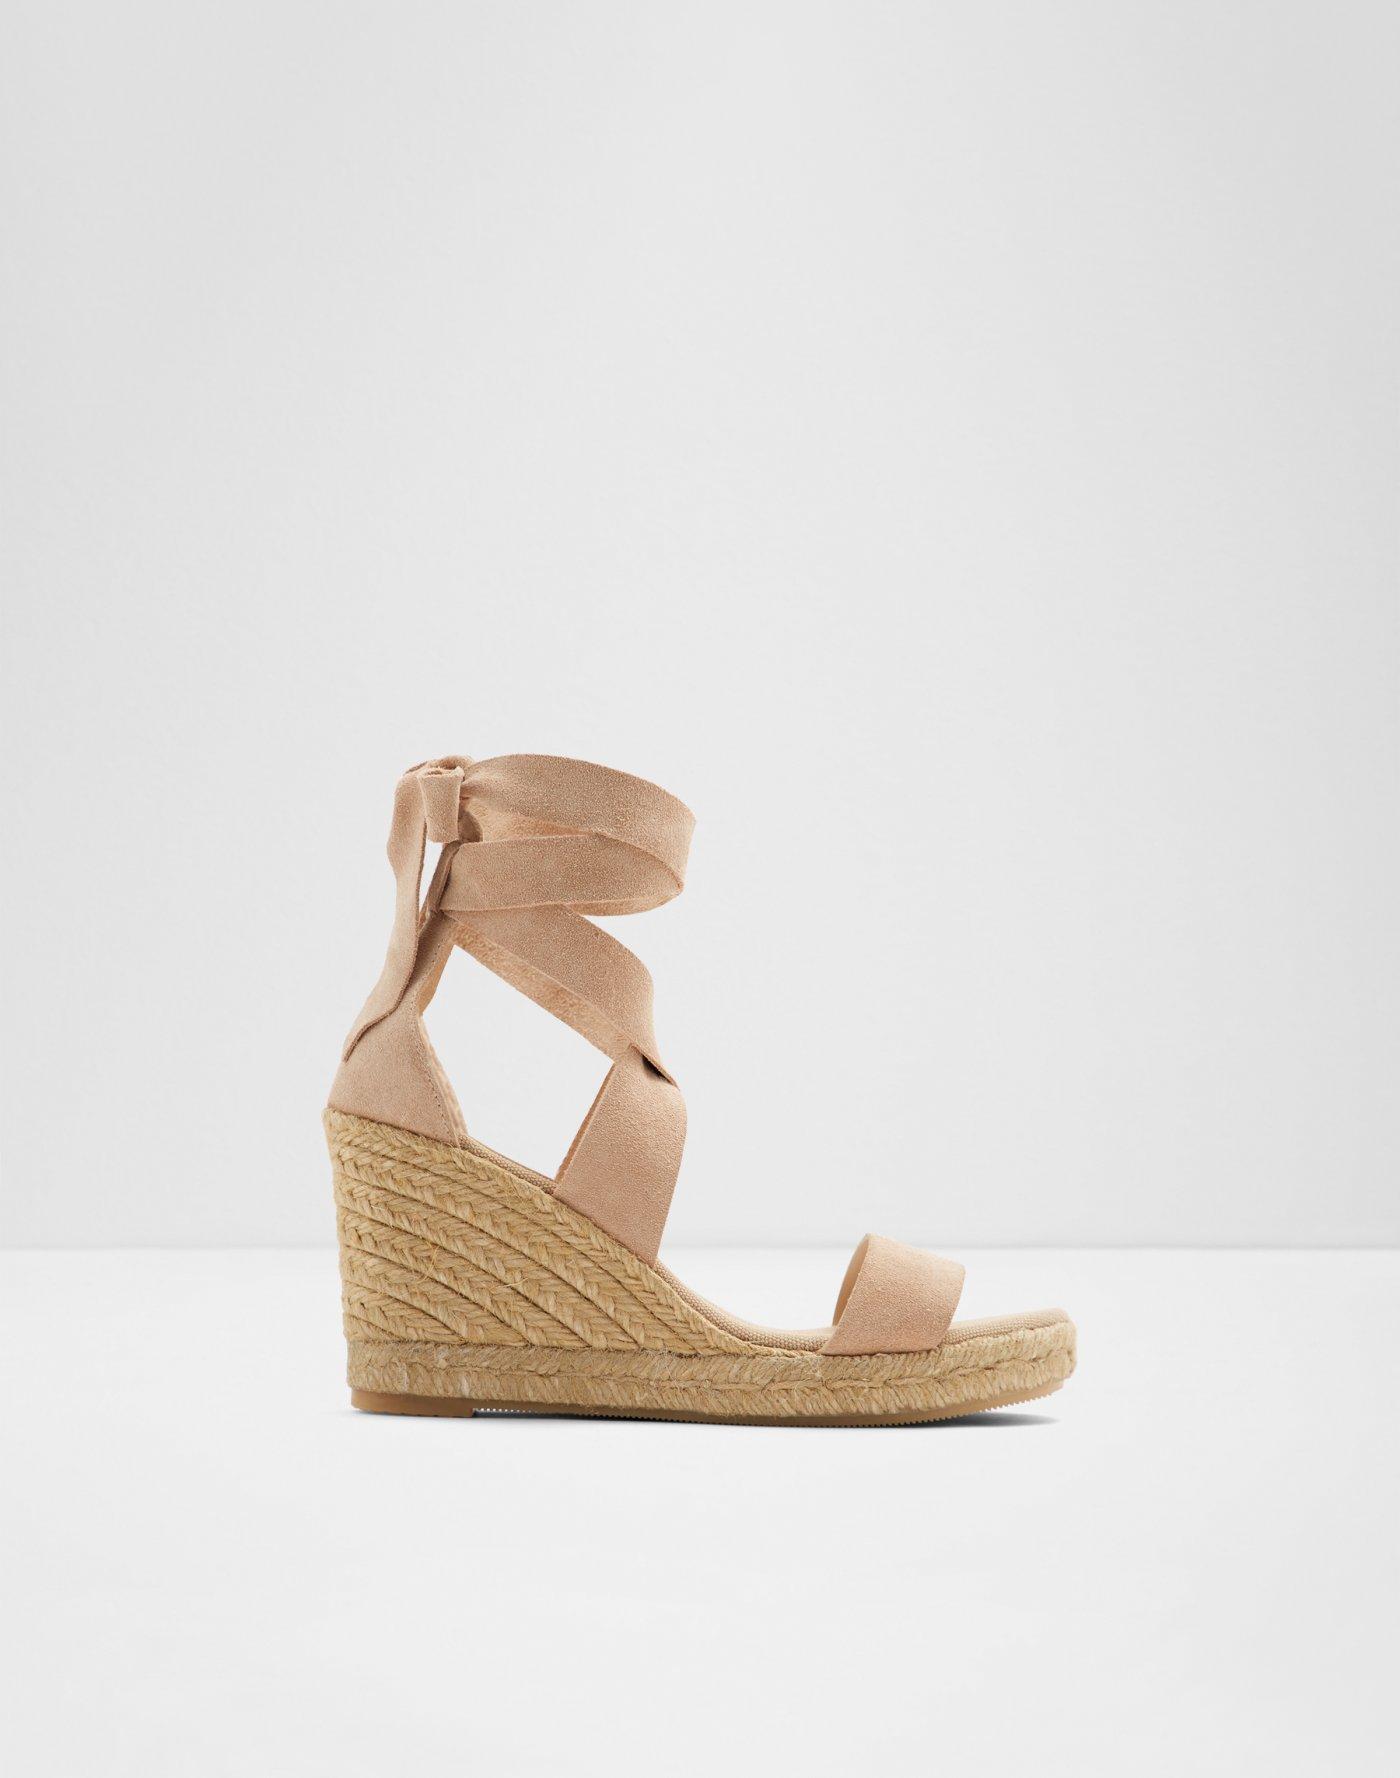 3cb10c23003 Wedge sandals